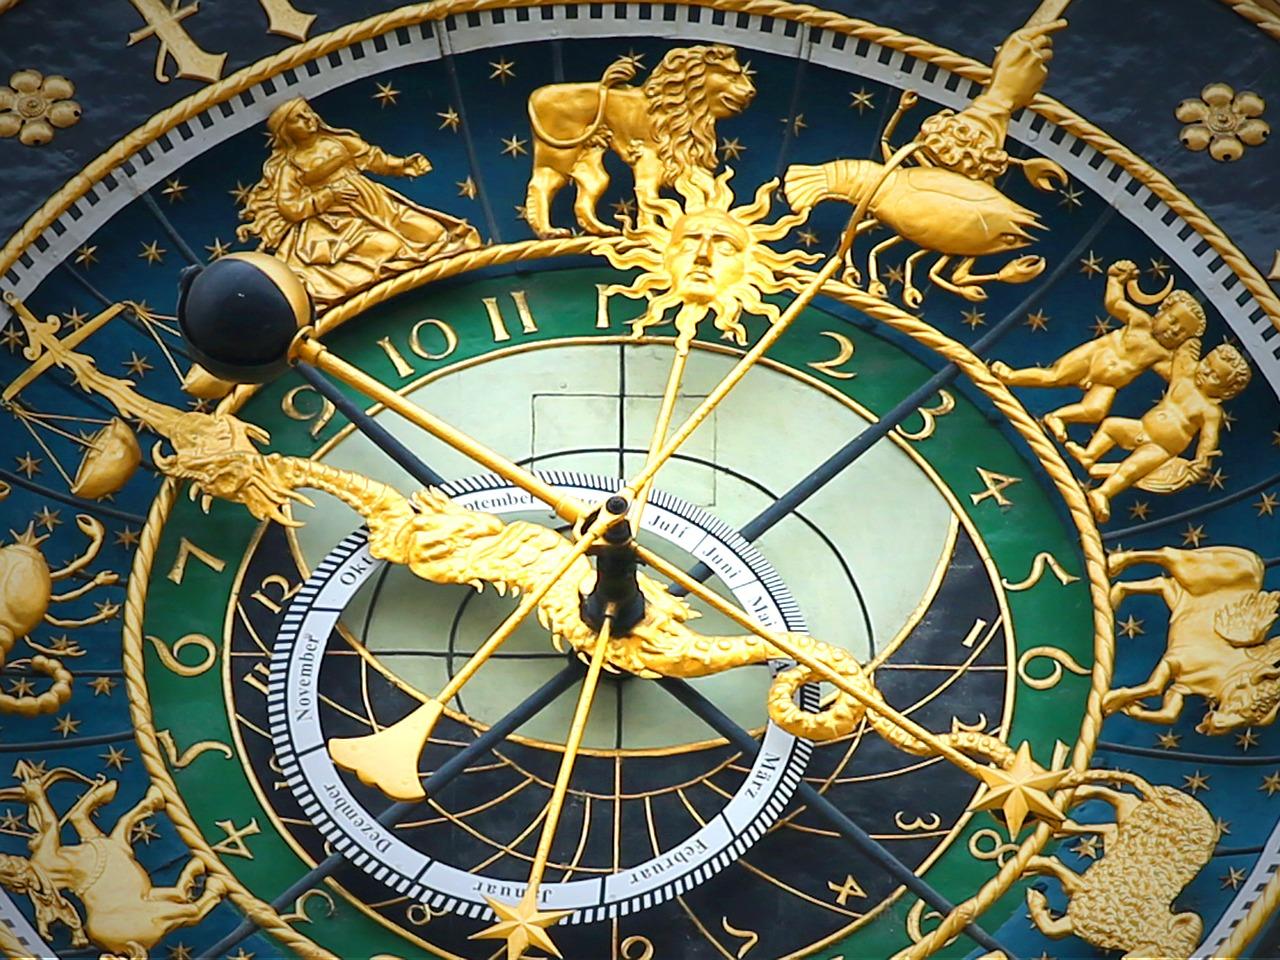 1614684351_astronomical-clock-408306_1280